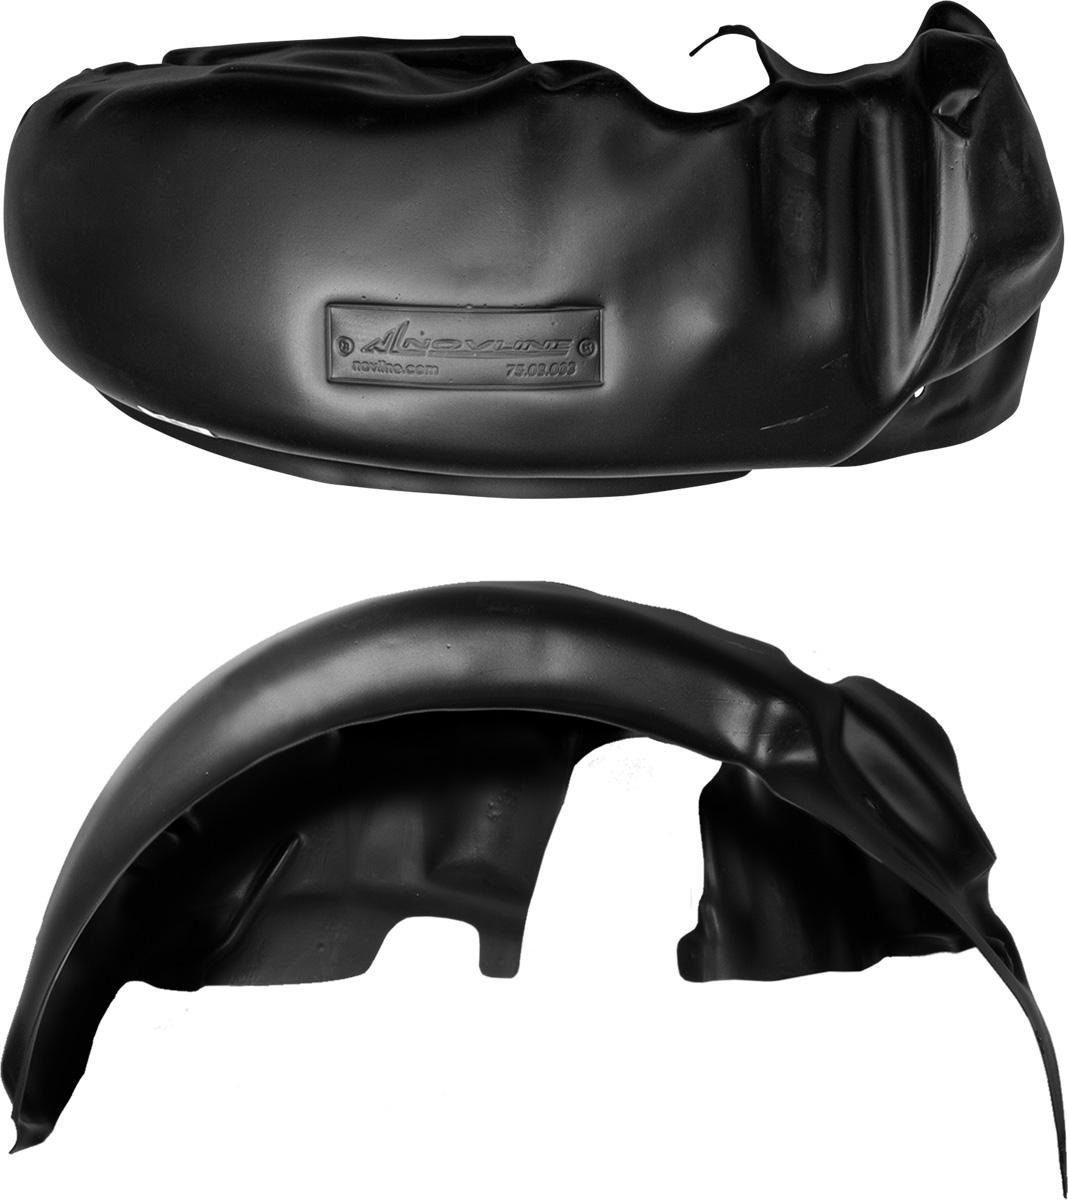 Подкрылок LADA Largus, 2012 ->, передний правыйSVC-300Колесные ниши – одни из самых уязвимых зон днища вашего автомобиля. Они постоянно подвергаются воздействию со стороны дороги. Лучшая, почти абсолютная защита для них - специально отформованные пластиковые кожухи, которые называются подкрылками, или локерами. Производятся они как для отечественных моделей автомобилей, так и для иномарок. Подкрылки выполнены из высококачественного, экологически чистого пластика. Обеспечивают надежную защиту кузова автомобиля от пескоструйного эффекта и негативного влияния, агрессивных антигололедных реагентов. Пластик обладает более низкой теплопроводностью, чем металл, поэтому в зимний период эксплуатации использование пластиковых подкрылков позволяет лучше защитить колесные ниши от налипания снега и образования наледи. Оригинальность конструкции подчеркивает элегантность автомобиля, бережно защищает нанесенное на днище кузова антикоррозийное покрытие и позволяет осуществить крепление подкрылков внутри колесной арки практически без дополнительного крепежа и сверления, не нарушая при этом лакокрасочного покрытия, что предотвращает возникновение новых очагов коррозии. Технология крепления подкрылков на иномарки принципиально отличается от крепления на российские автомобили и разрабатывается индивидуально для каждой модели автомобиля. Подкрылки долговечны, обладают высокой прочностью и сохраняют заданную форму, а также все свои физико-механические характеристики в самых тяжелых климатических условиях ( от -50° С до + 50° С).